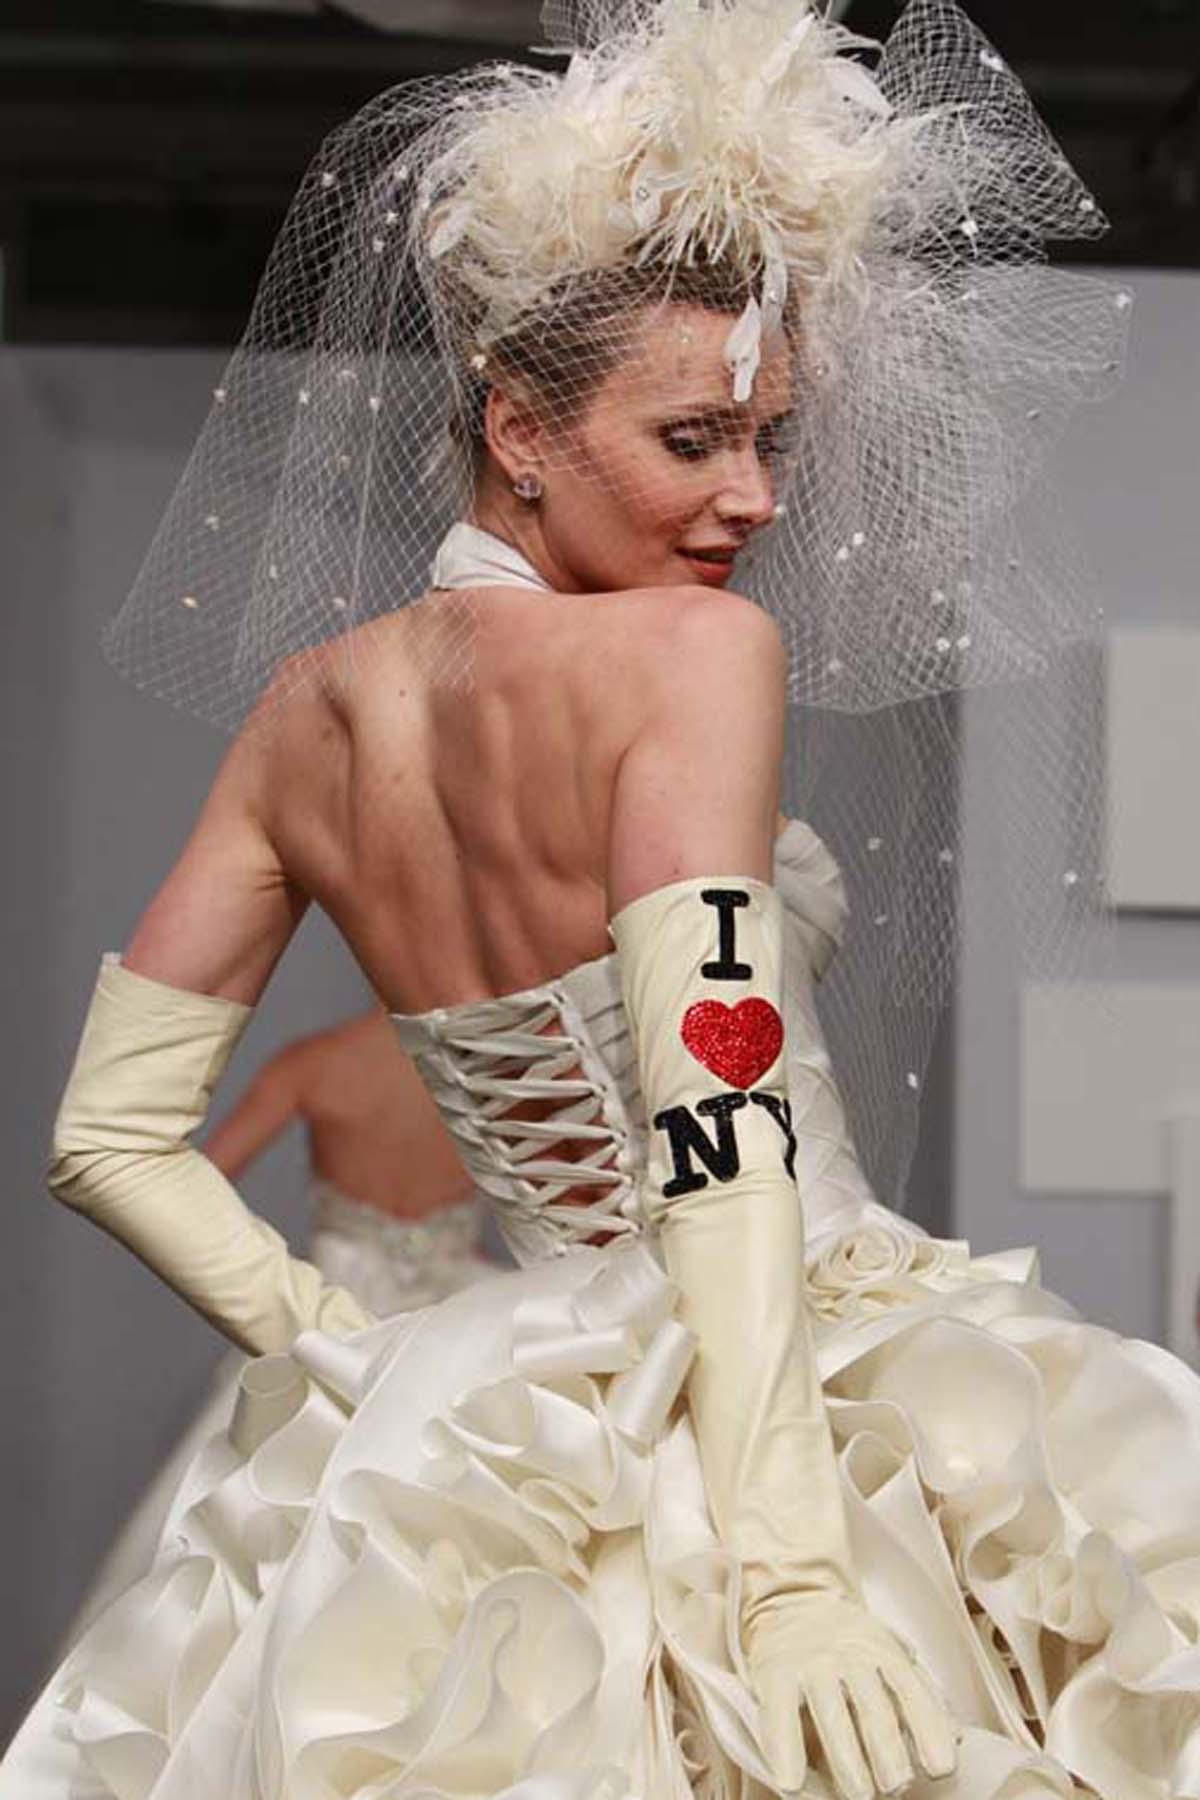 要注意制作蝴蝶结使用的面料在色彩和质感上都要和婚纱礼服本身相呼应